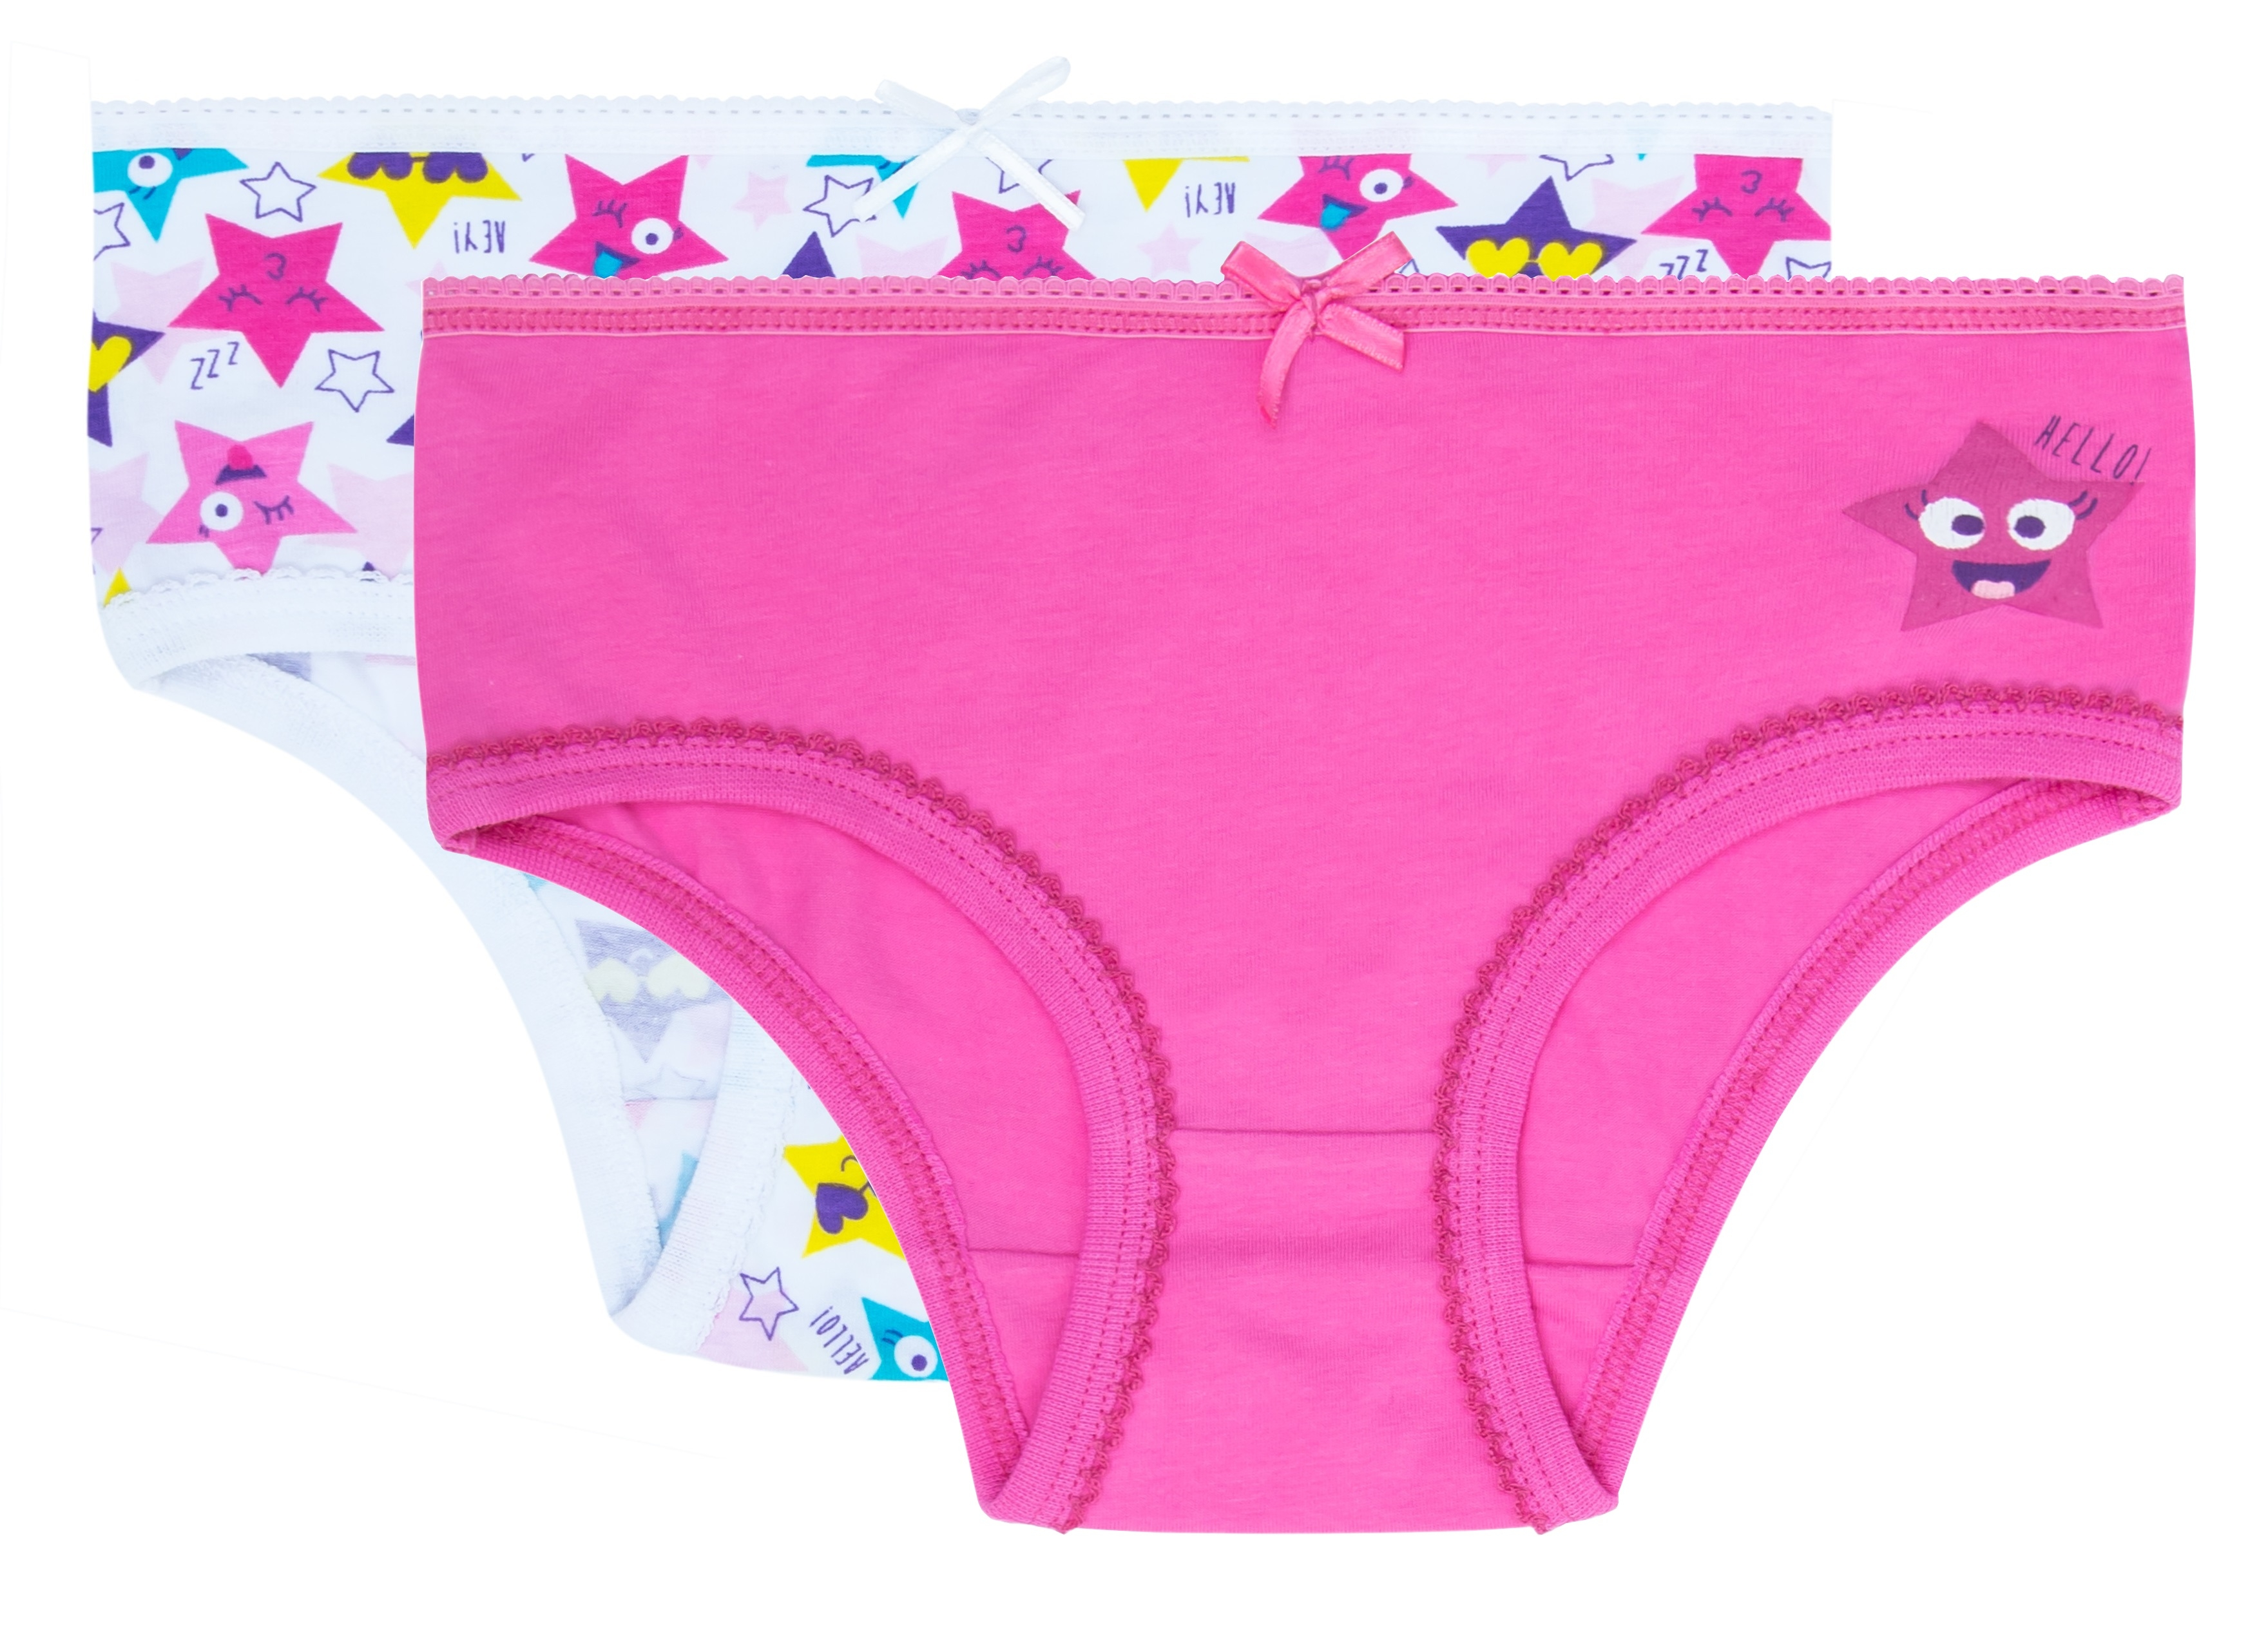 Трусы для девочки Barkito Белые с рисунком звезды/розовые трусы для девочки barkito бельё ss18 белые с рисунком розовые